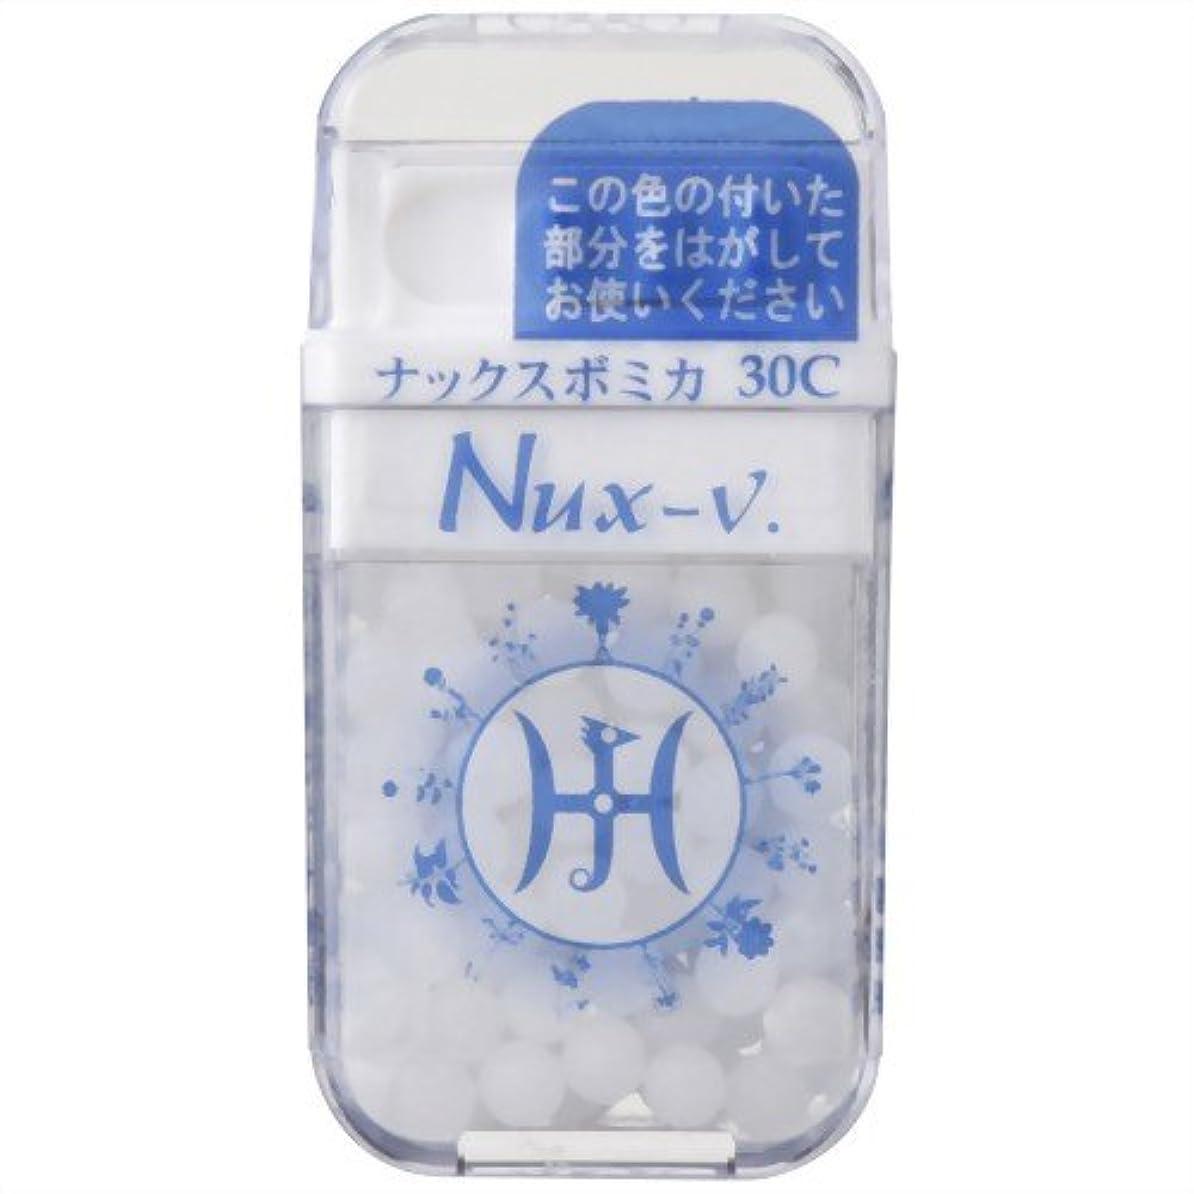 質量サラミシャーロットブロンテホメオパシージャパンレメディー Nux-v.  ナックスボミカ  30C (大ビン)